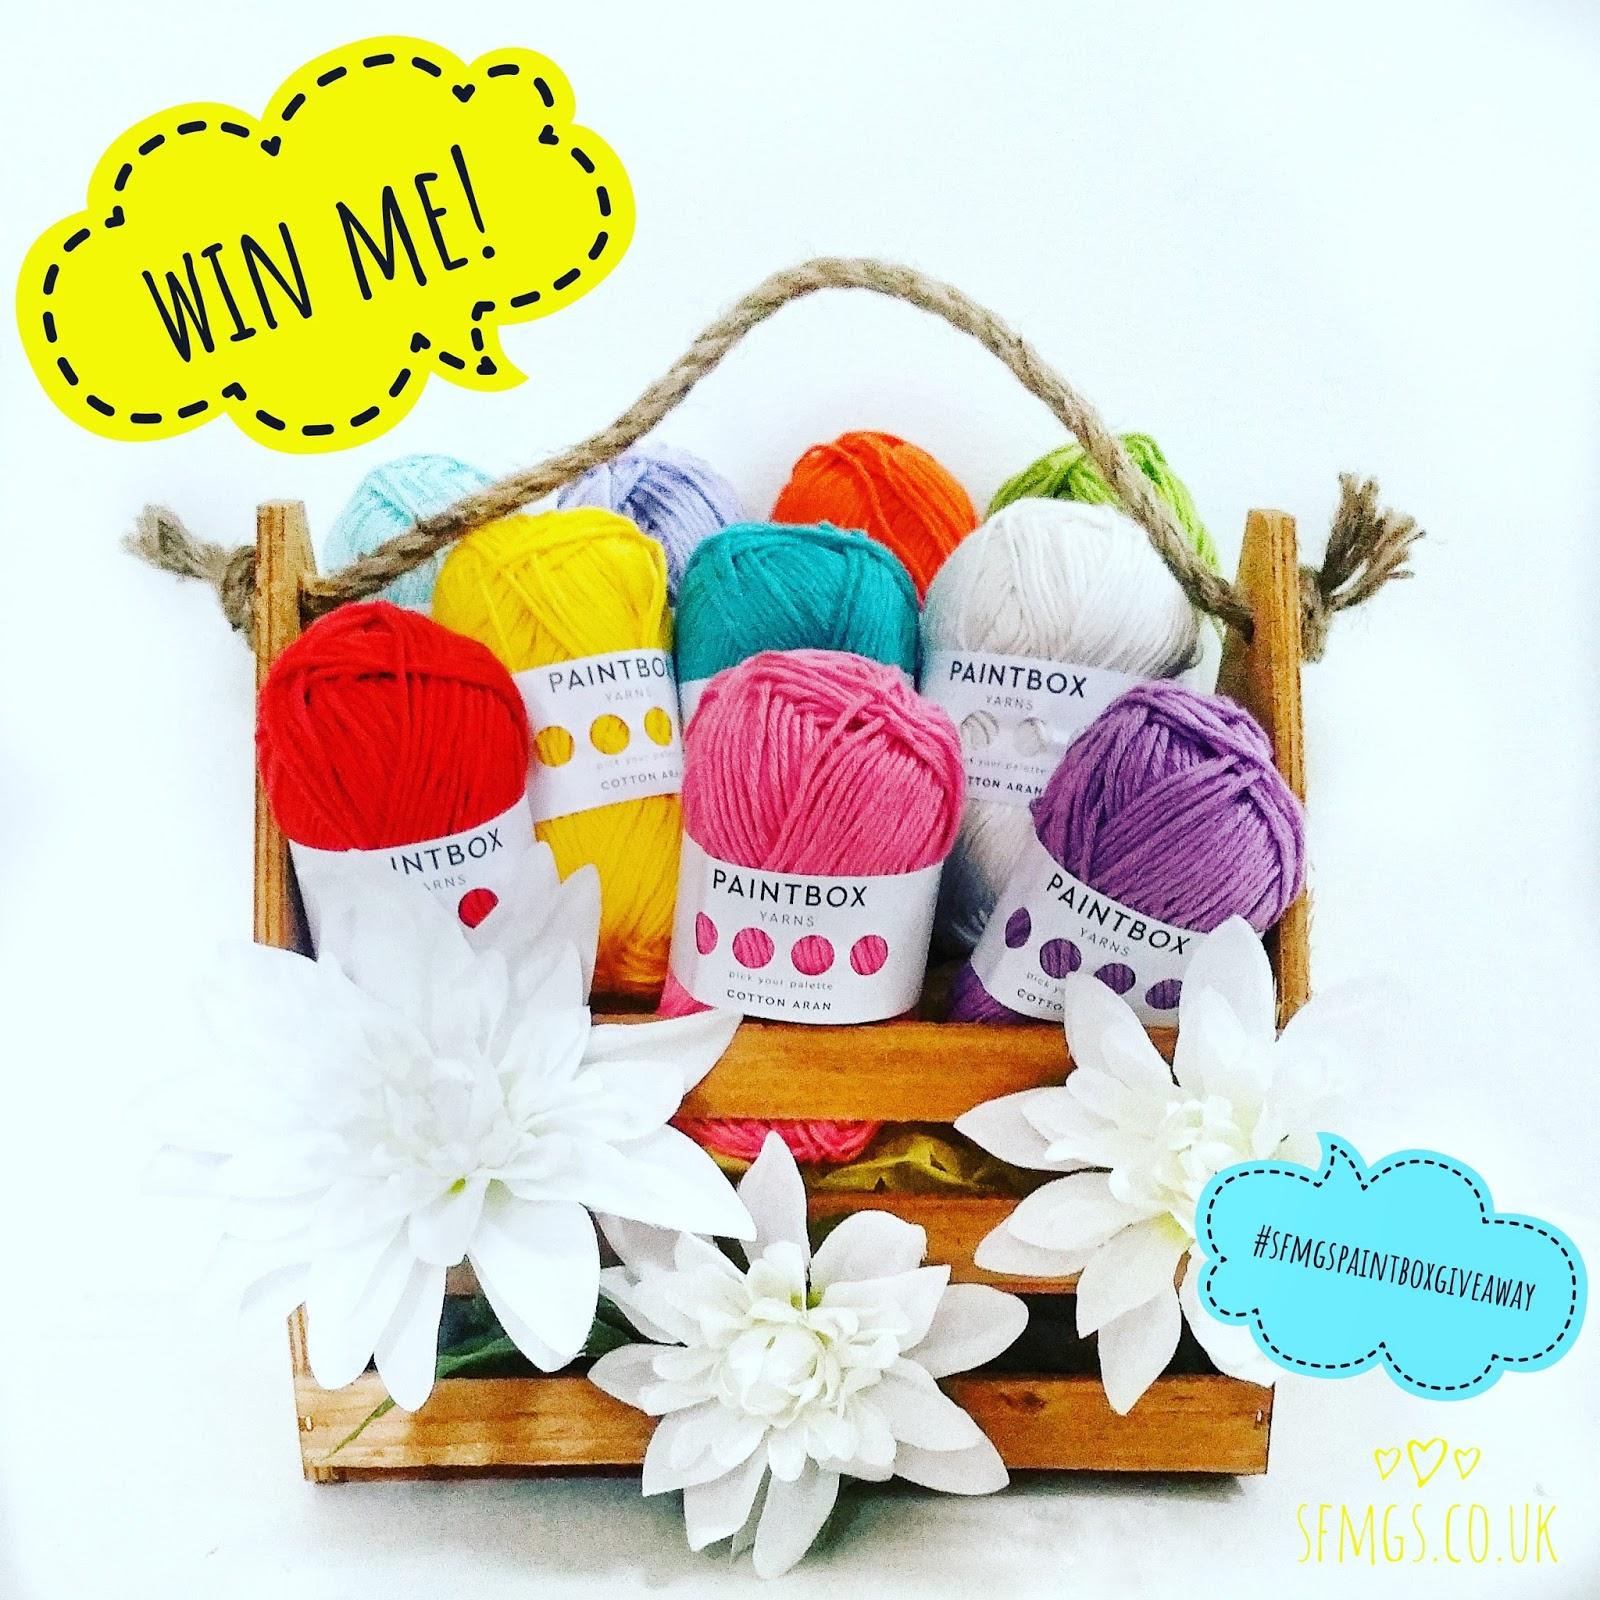 Set Free My Gypsy Soul | a Crochet Craft blog : Instagram